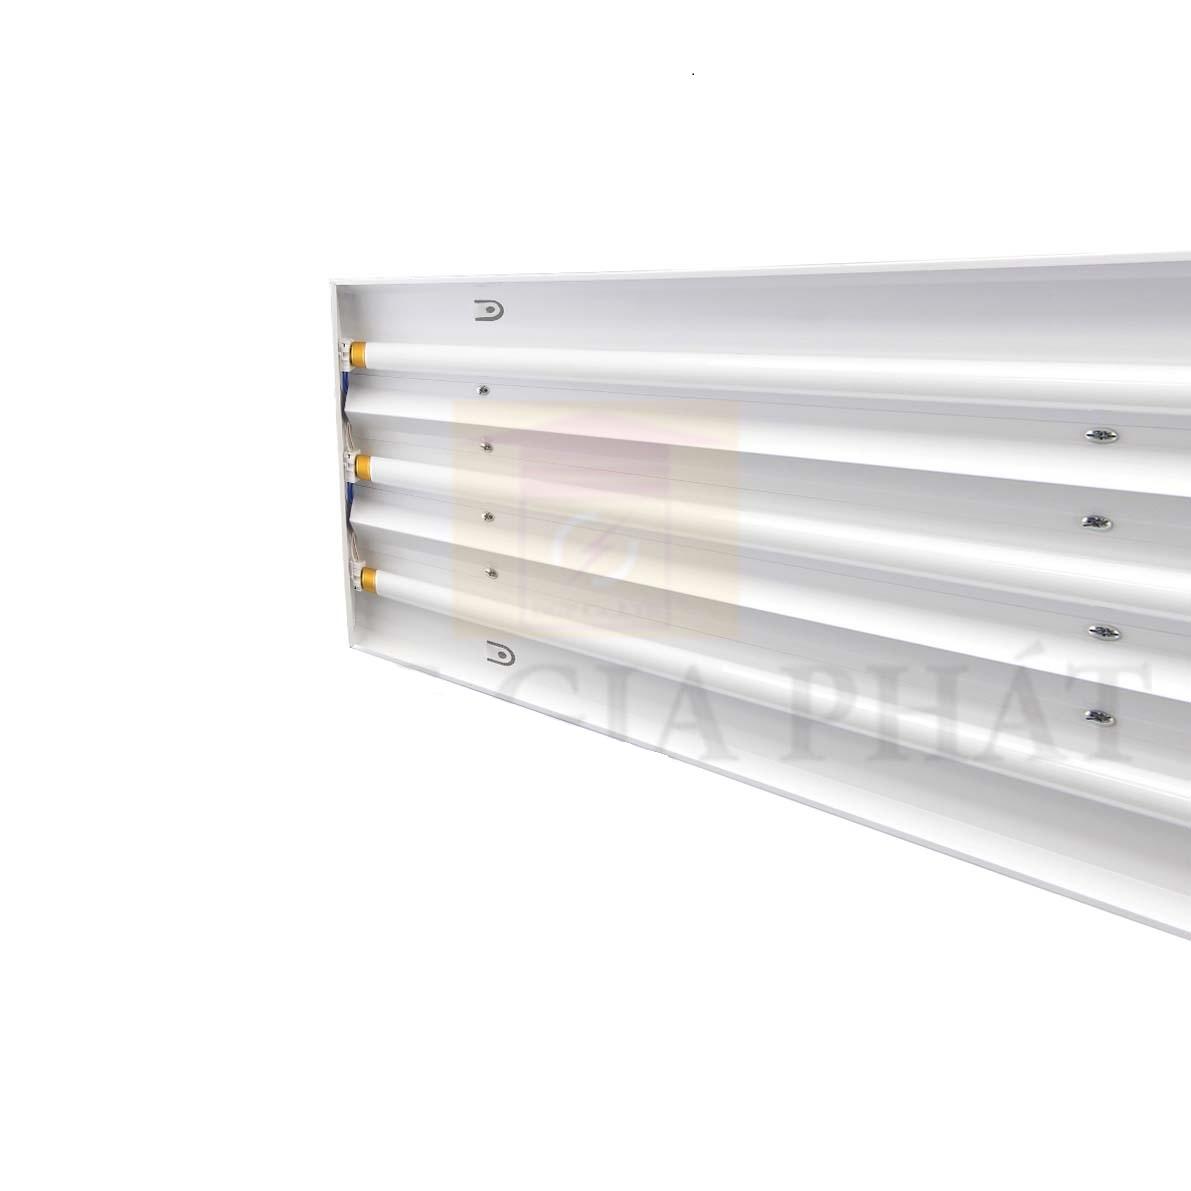 Máng đèn huỳnh quang nông nghiệp 3 x 36W M NN01 3x36W